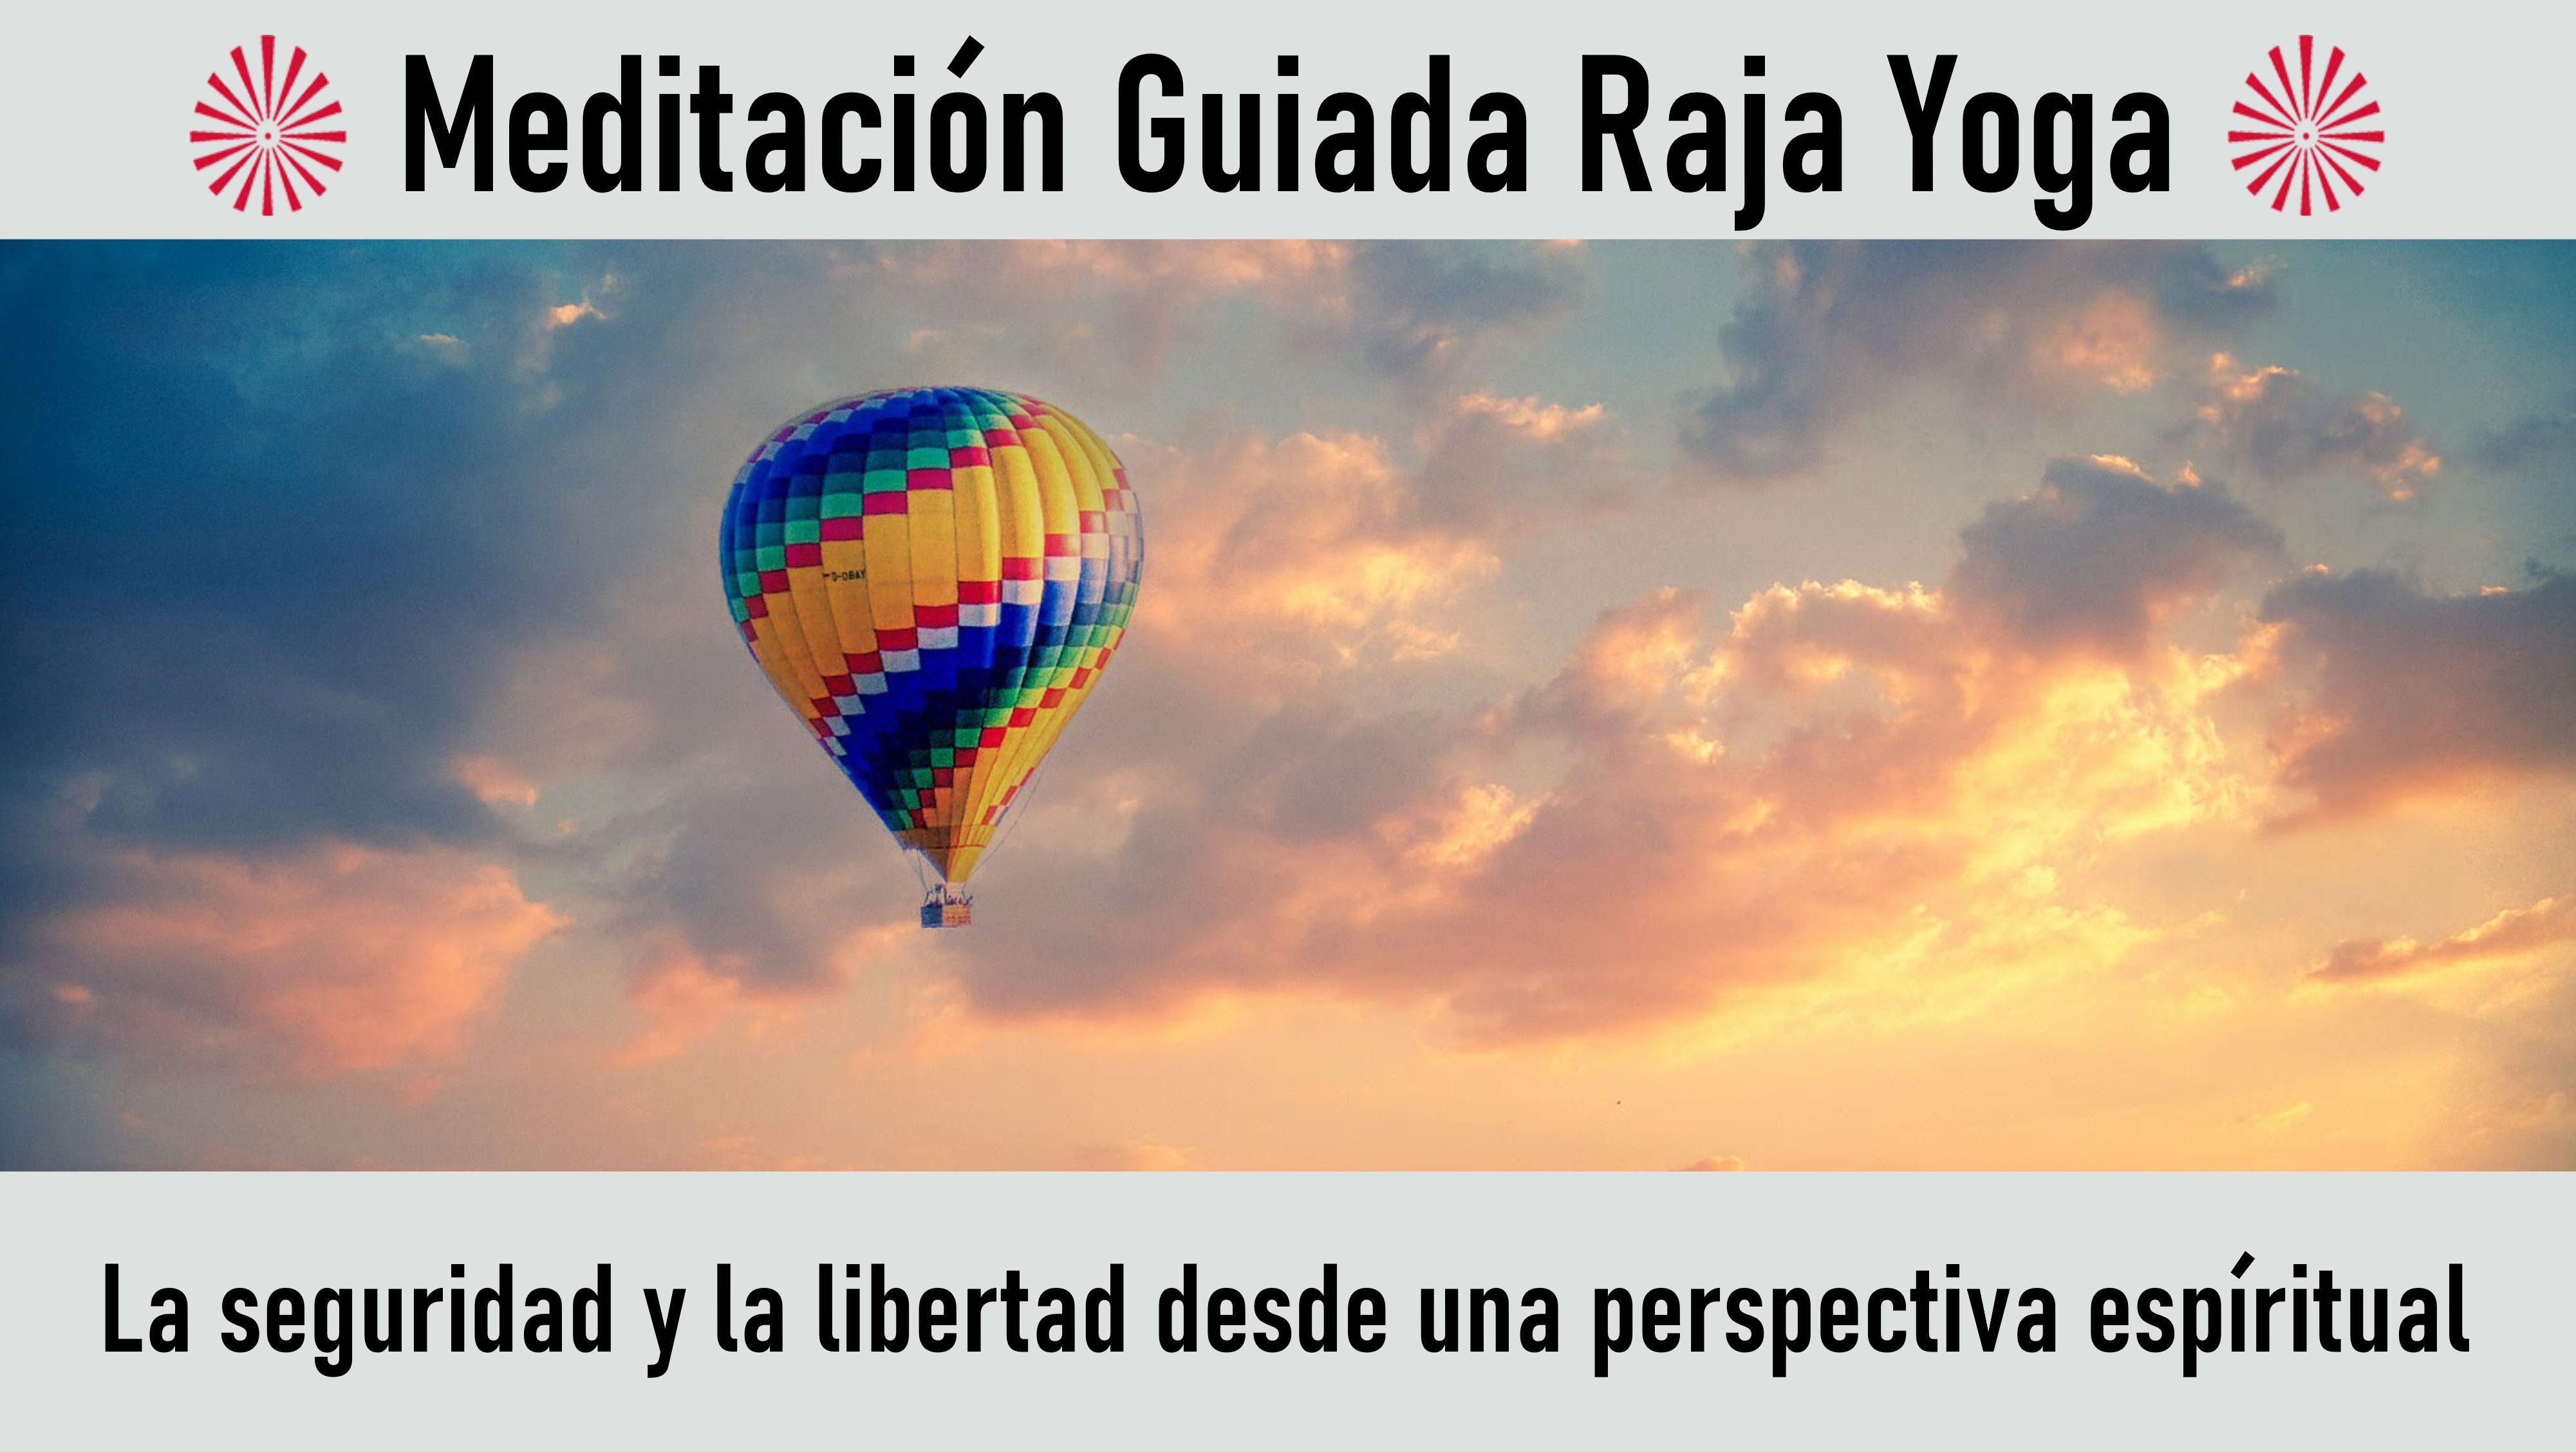 4 Agosto 2020 Meditación guiada:La seguridad y la libertad desde una perspectiva espíritual